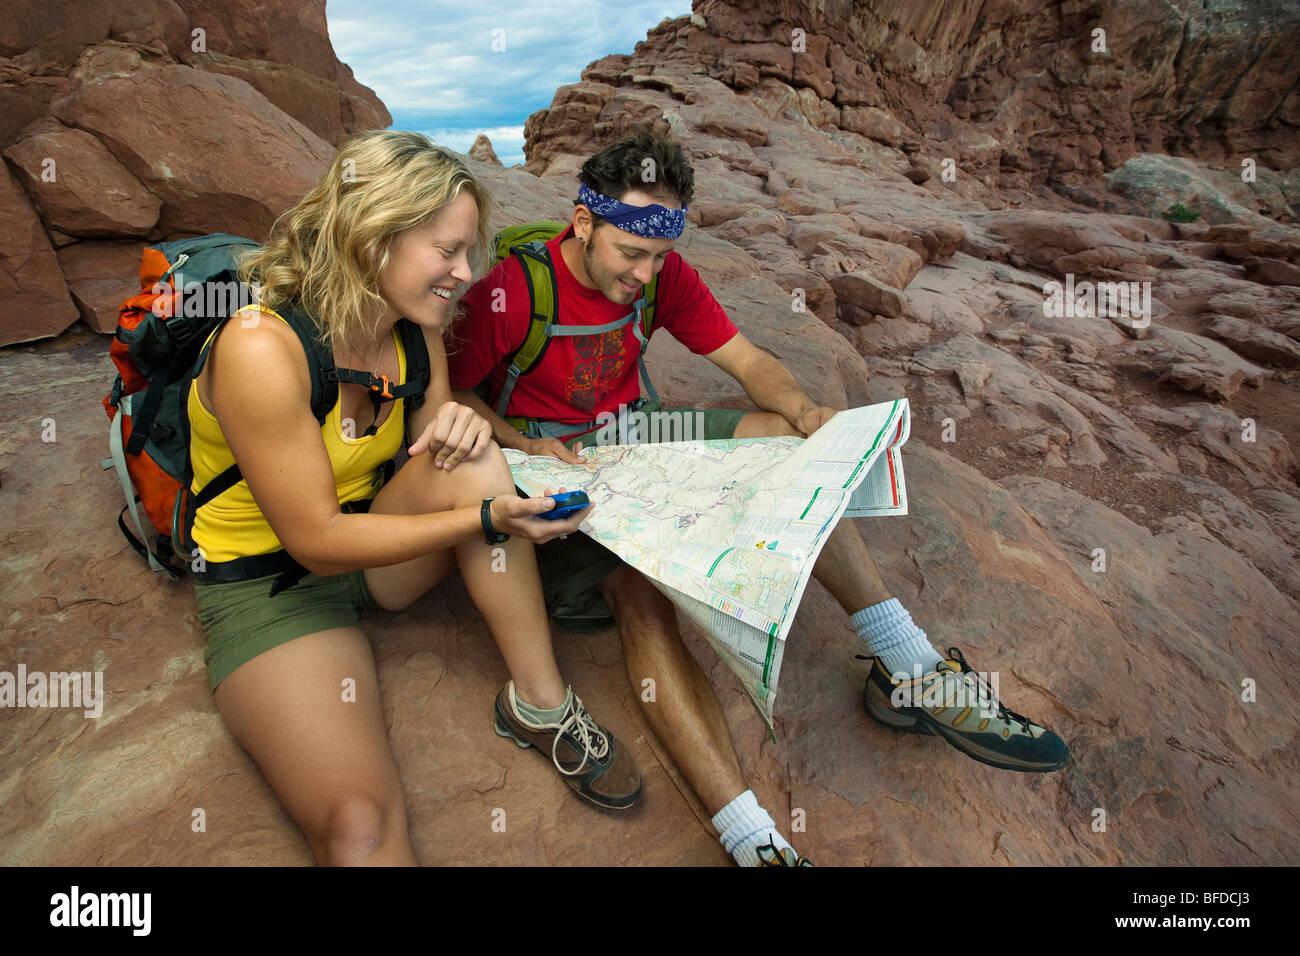 Un sorridente giovane utilizzando una mappa e GPS nel Parco Nazionale di Arches, Utah. Immagini Stock